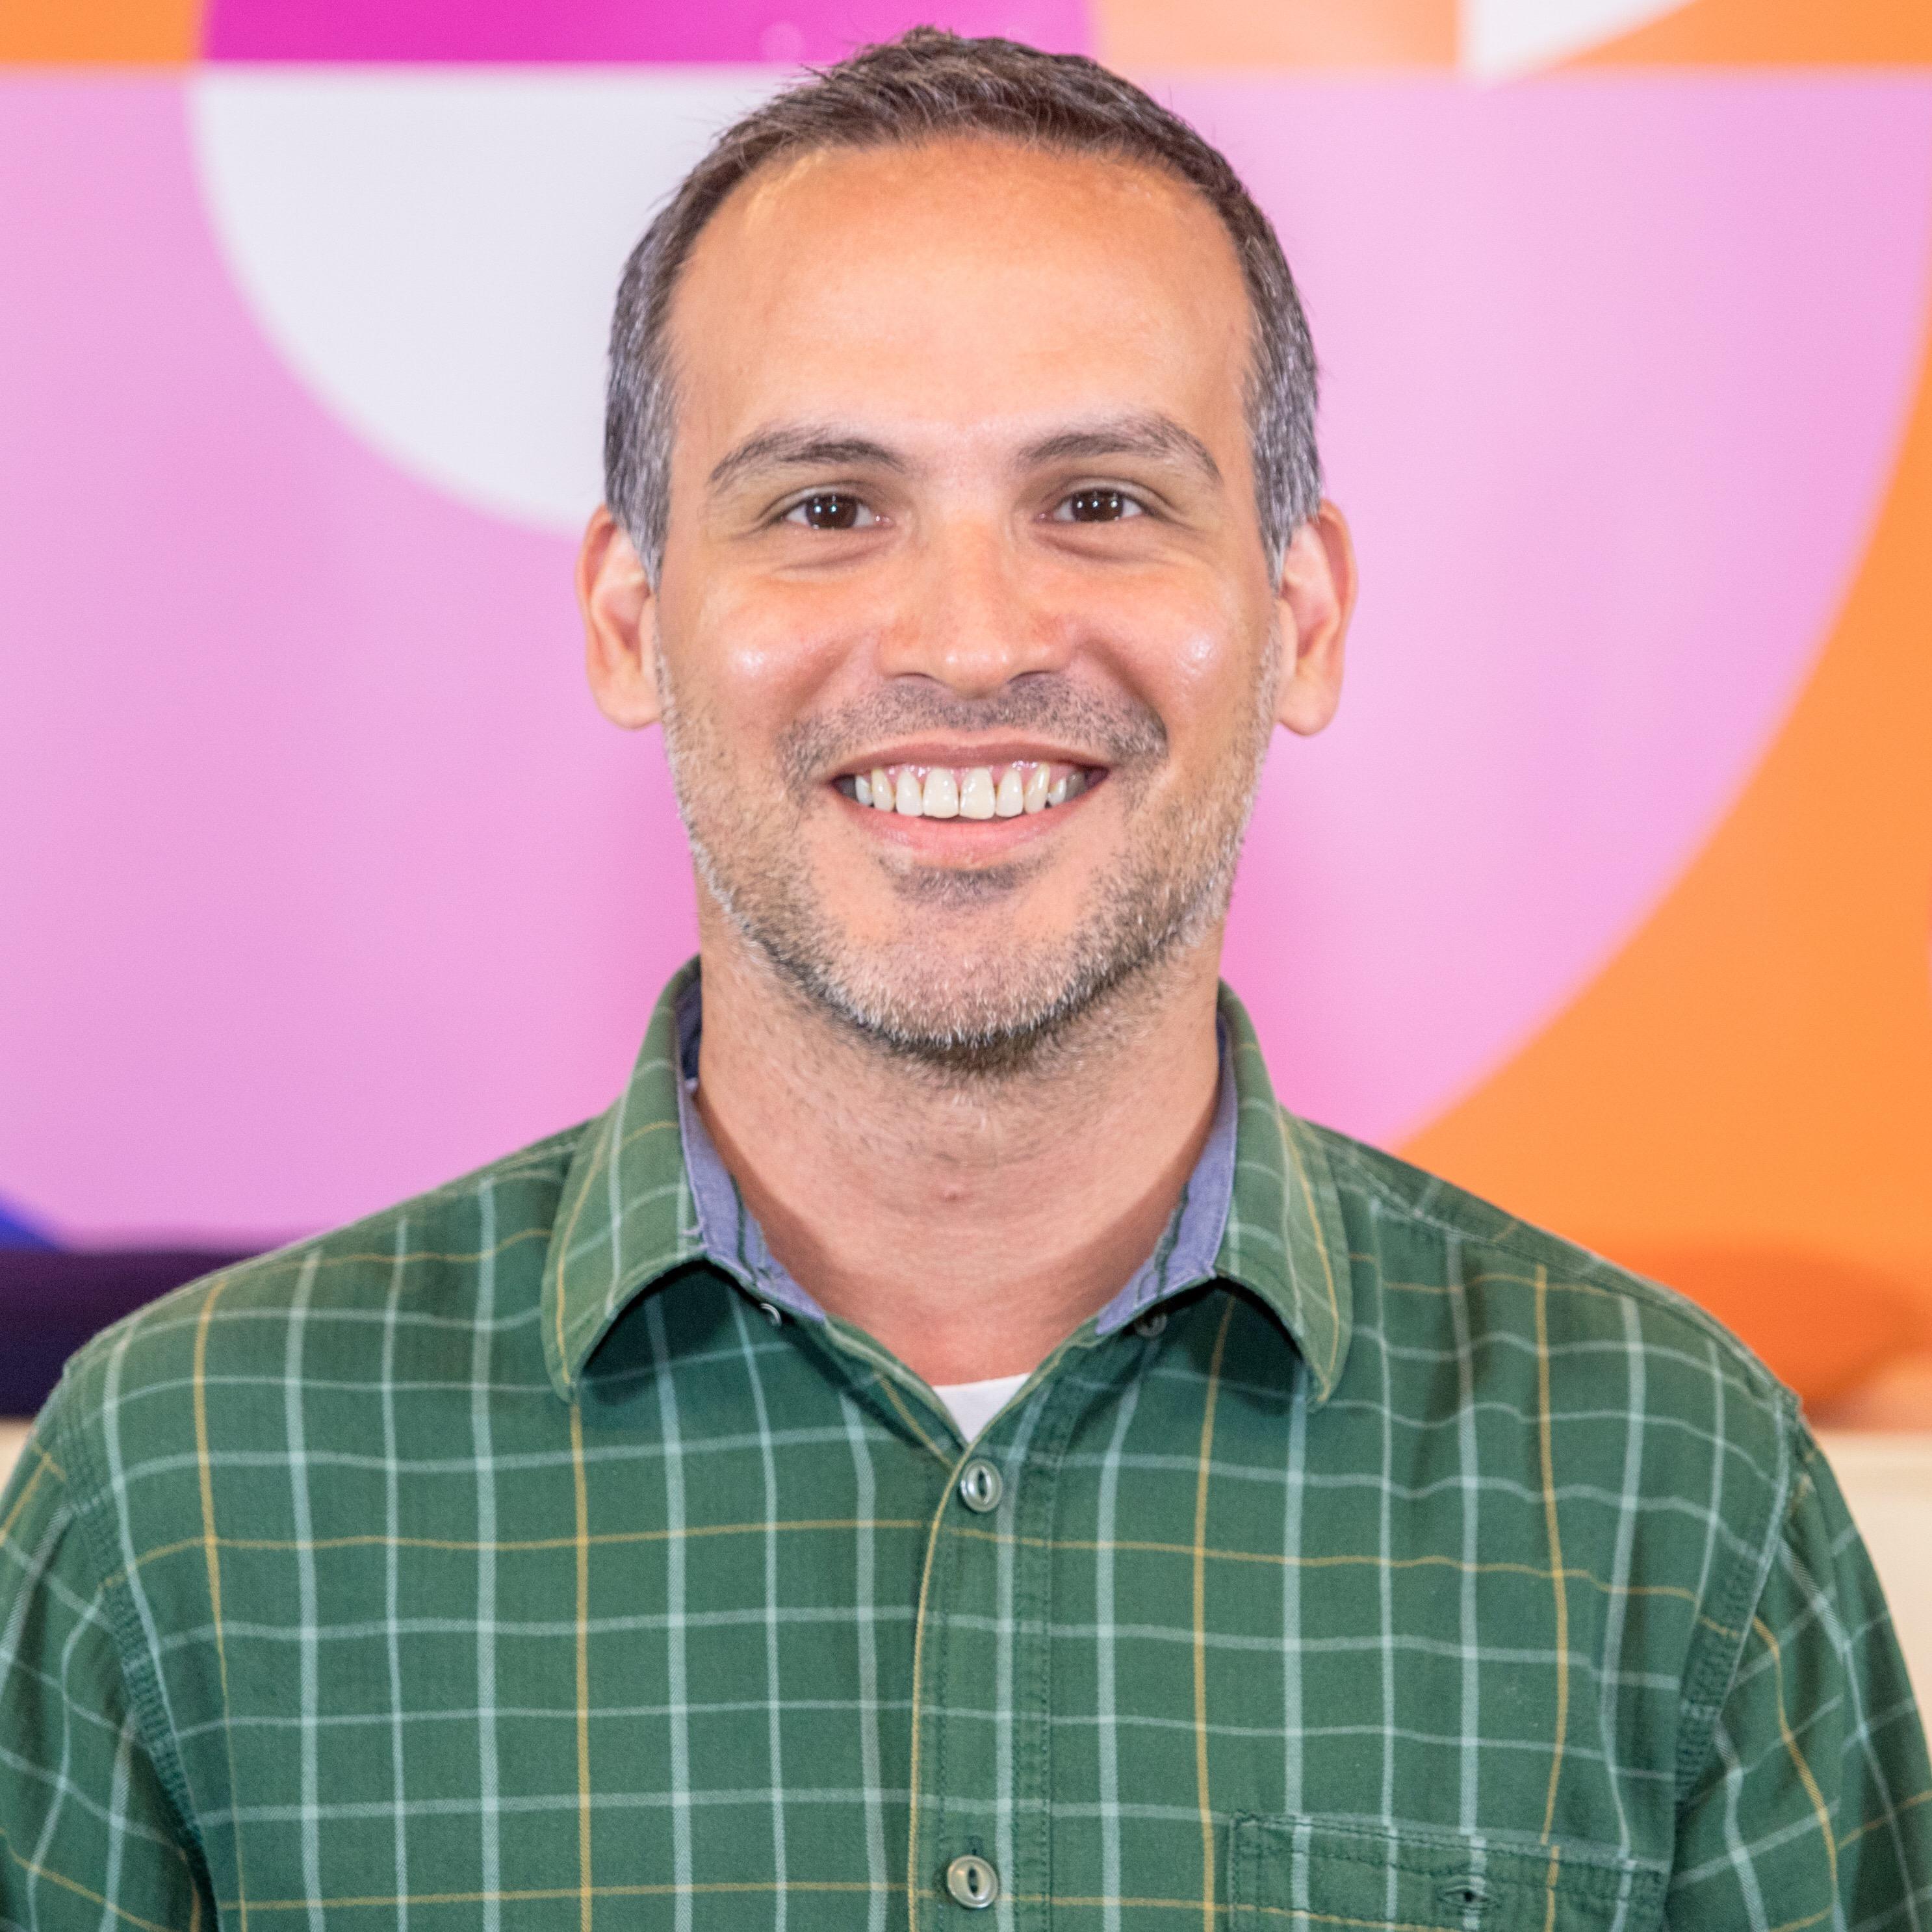 Carlos Irano